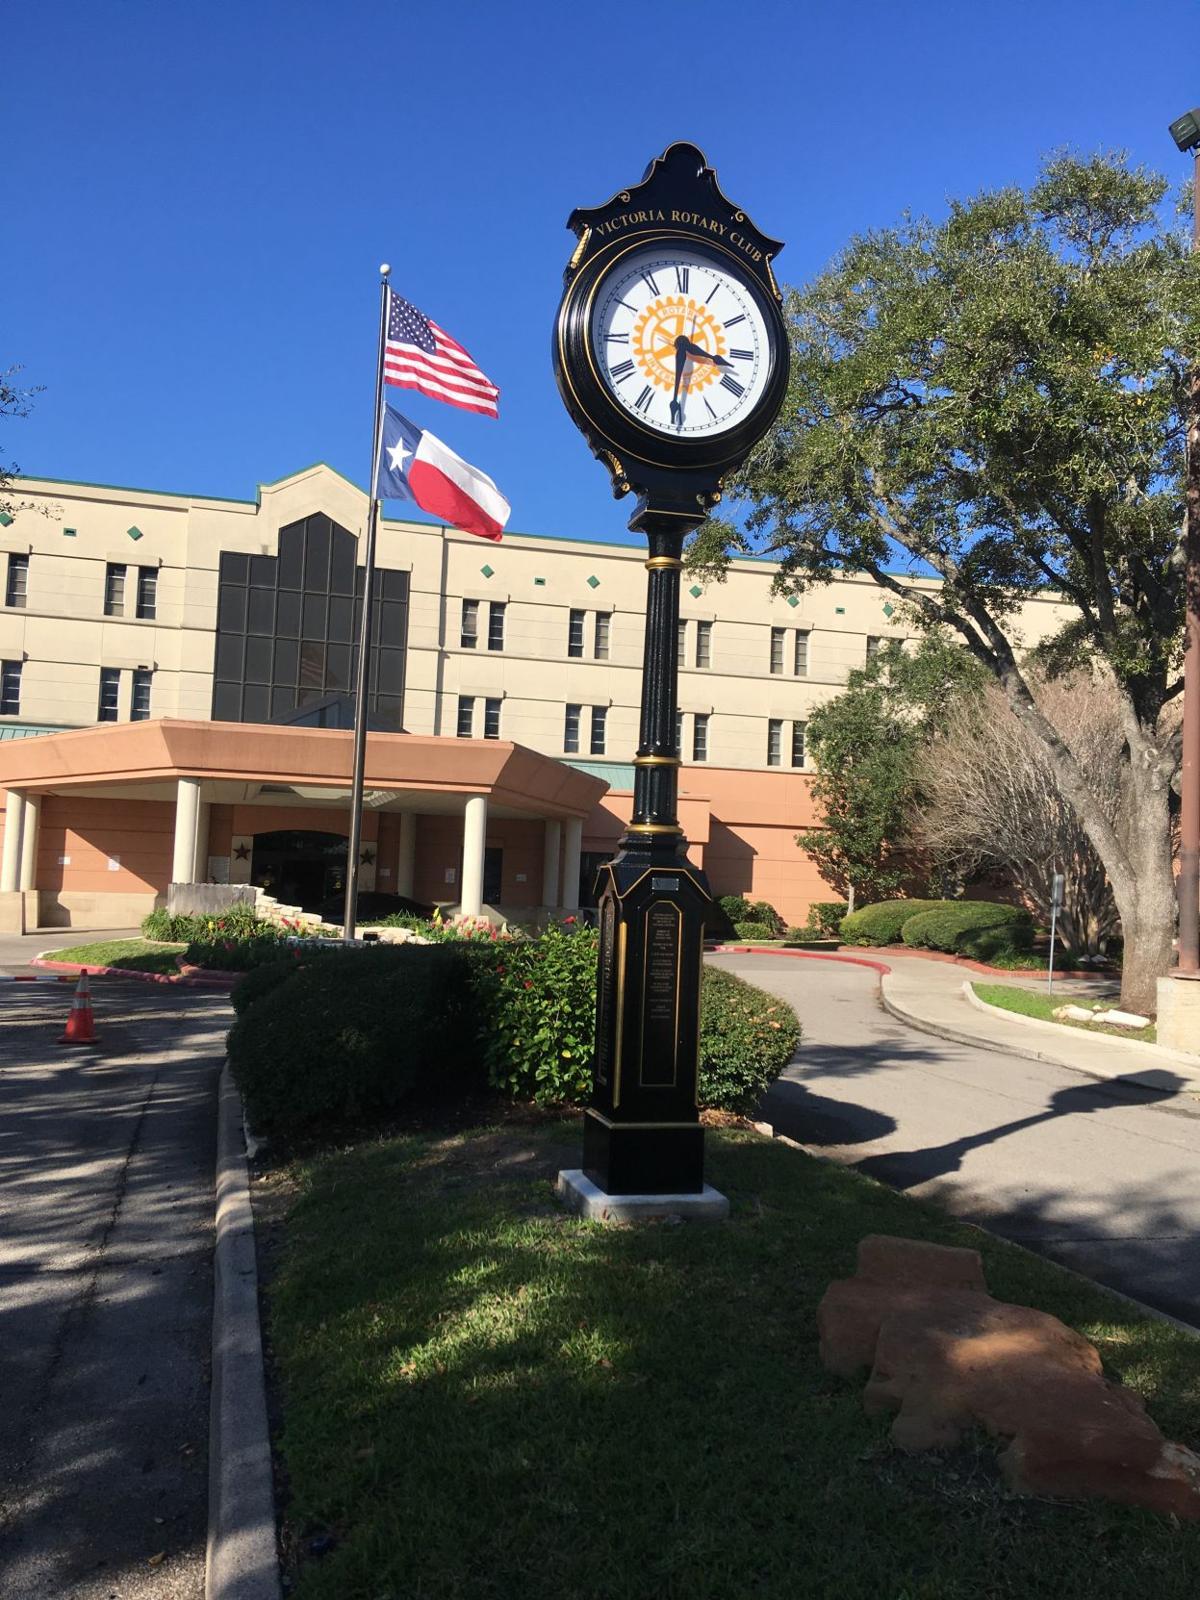 Victoria Rotary Club Centennial Clock